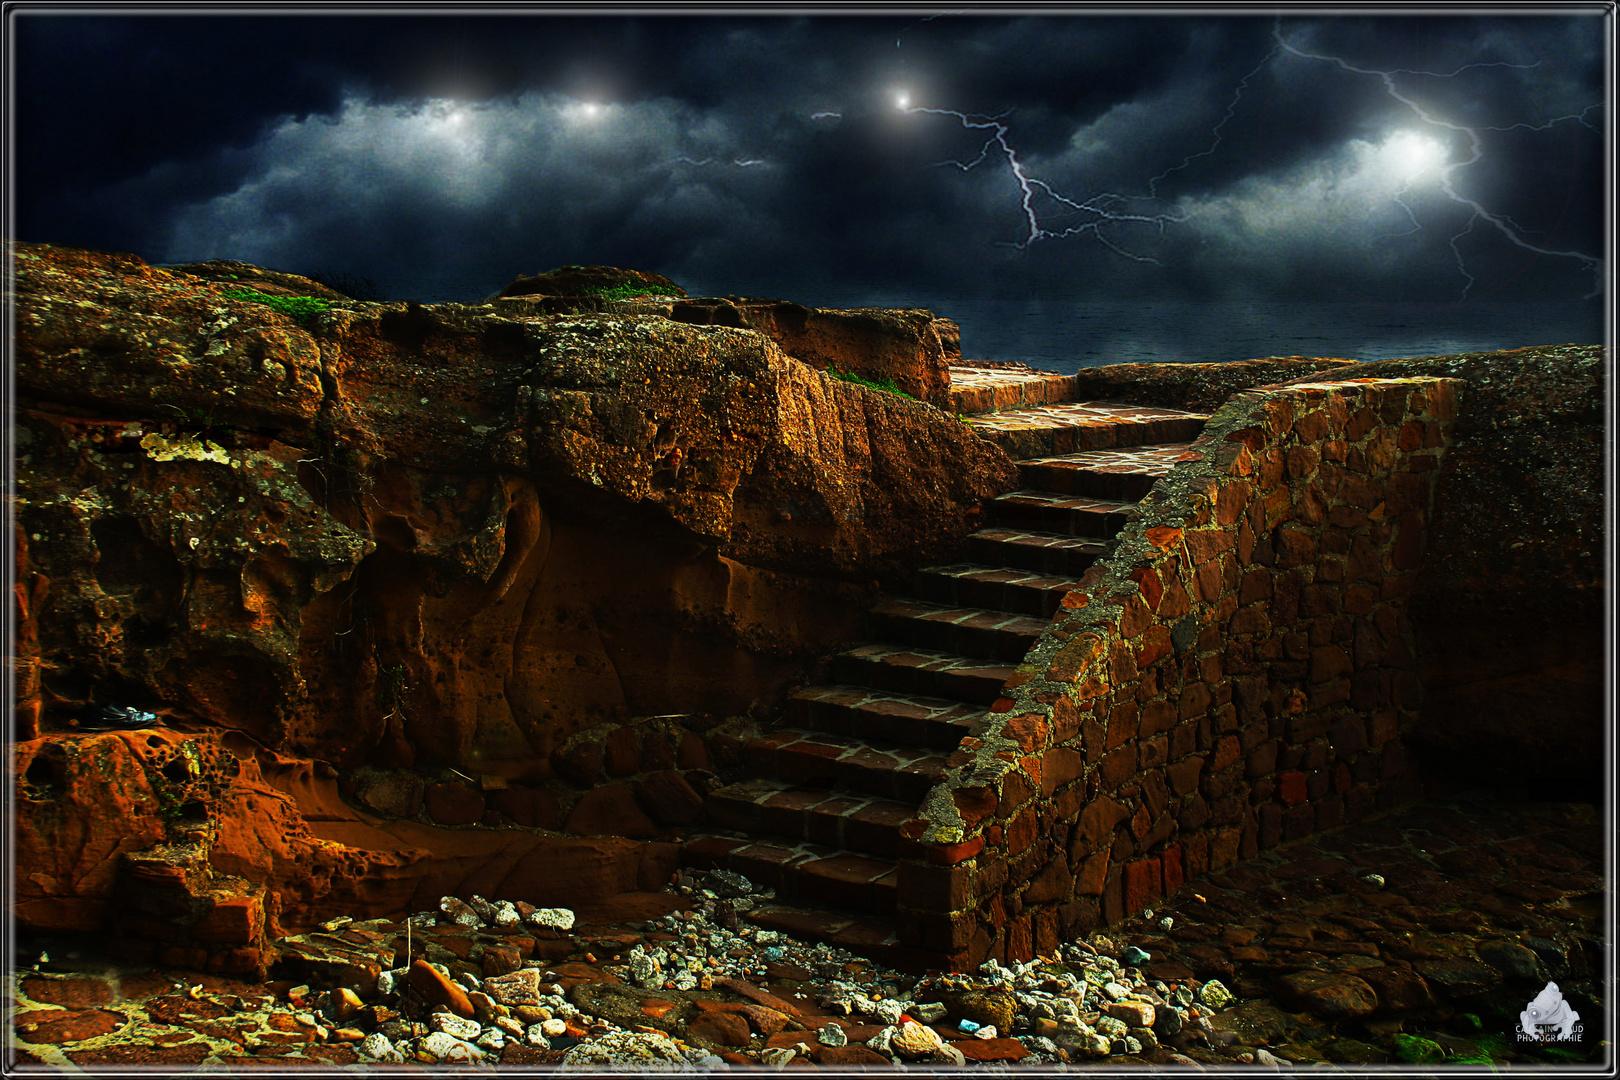 Les escaliers de l'Apocalypse